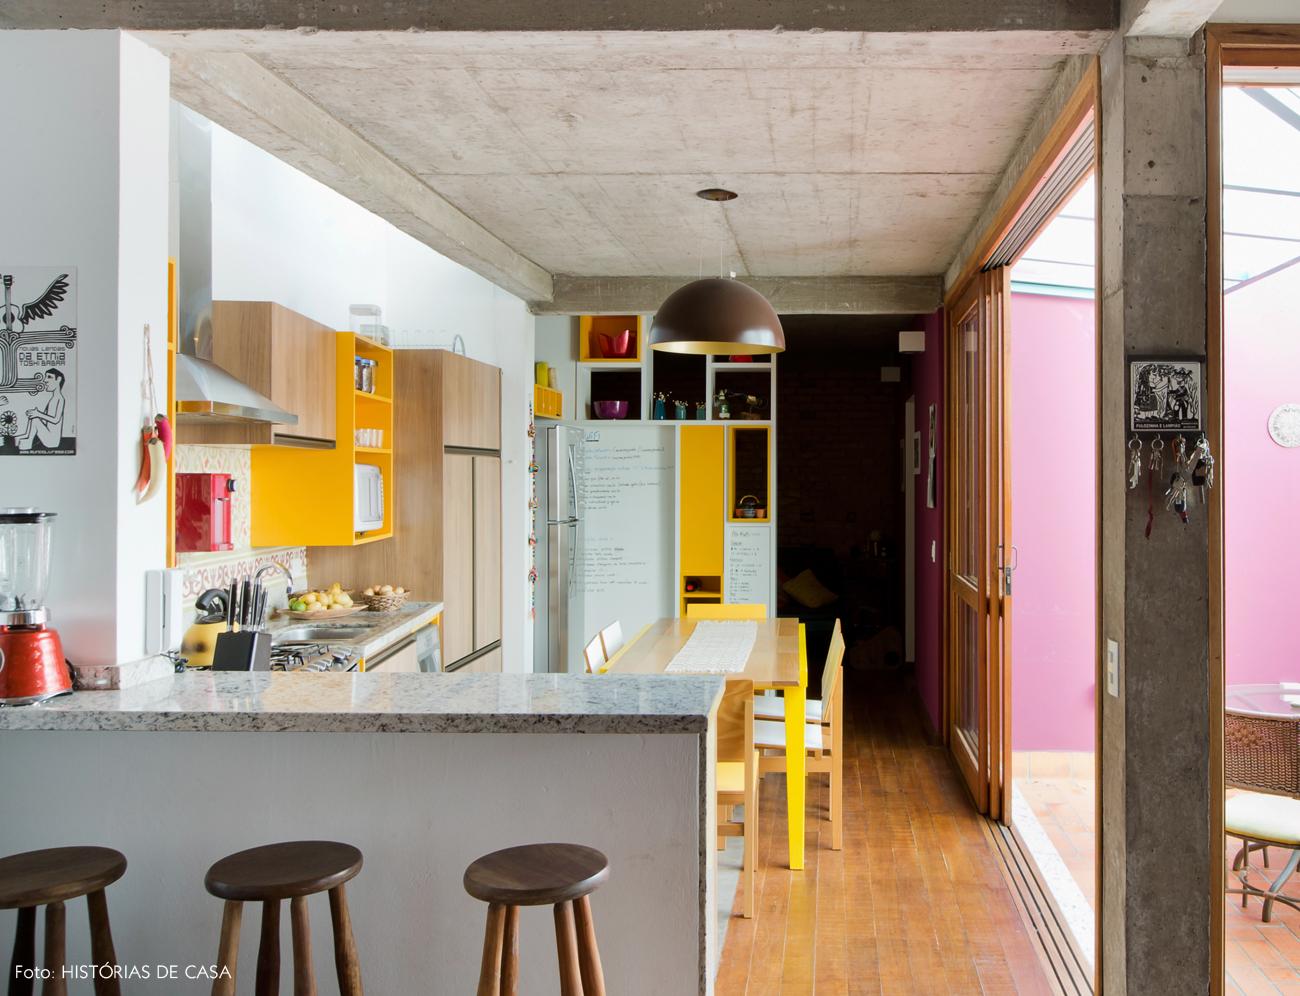 01-decoracao-cozinha-amarela-ladrilhos-hidraulicos-na-parede